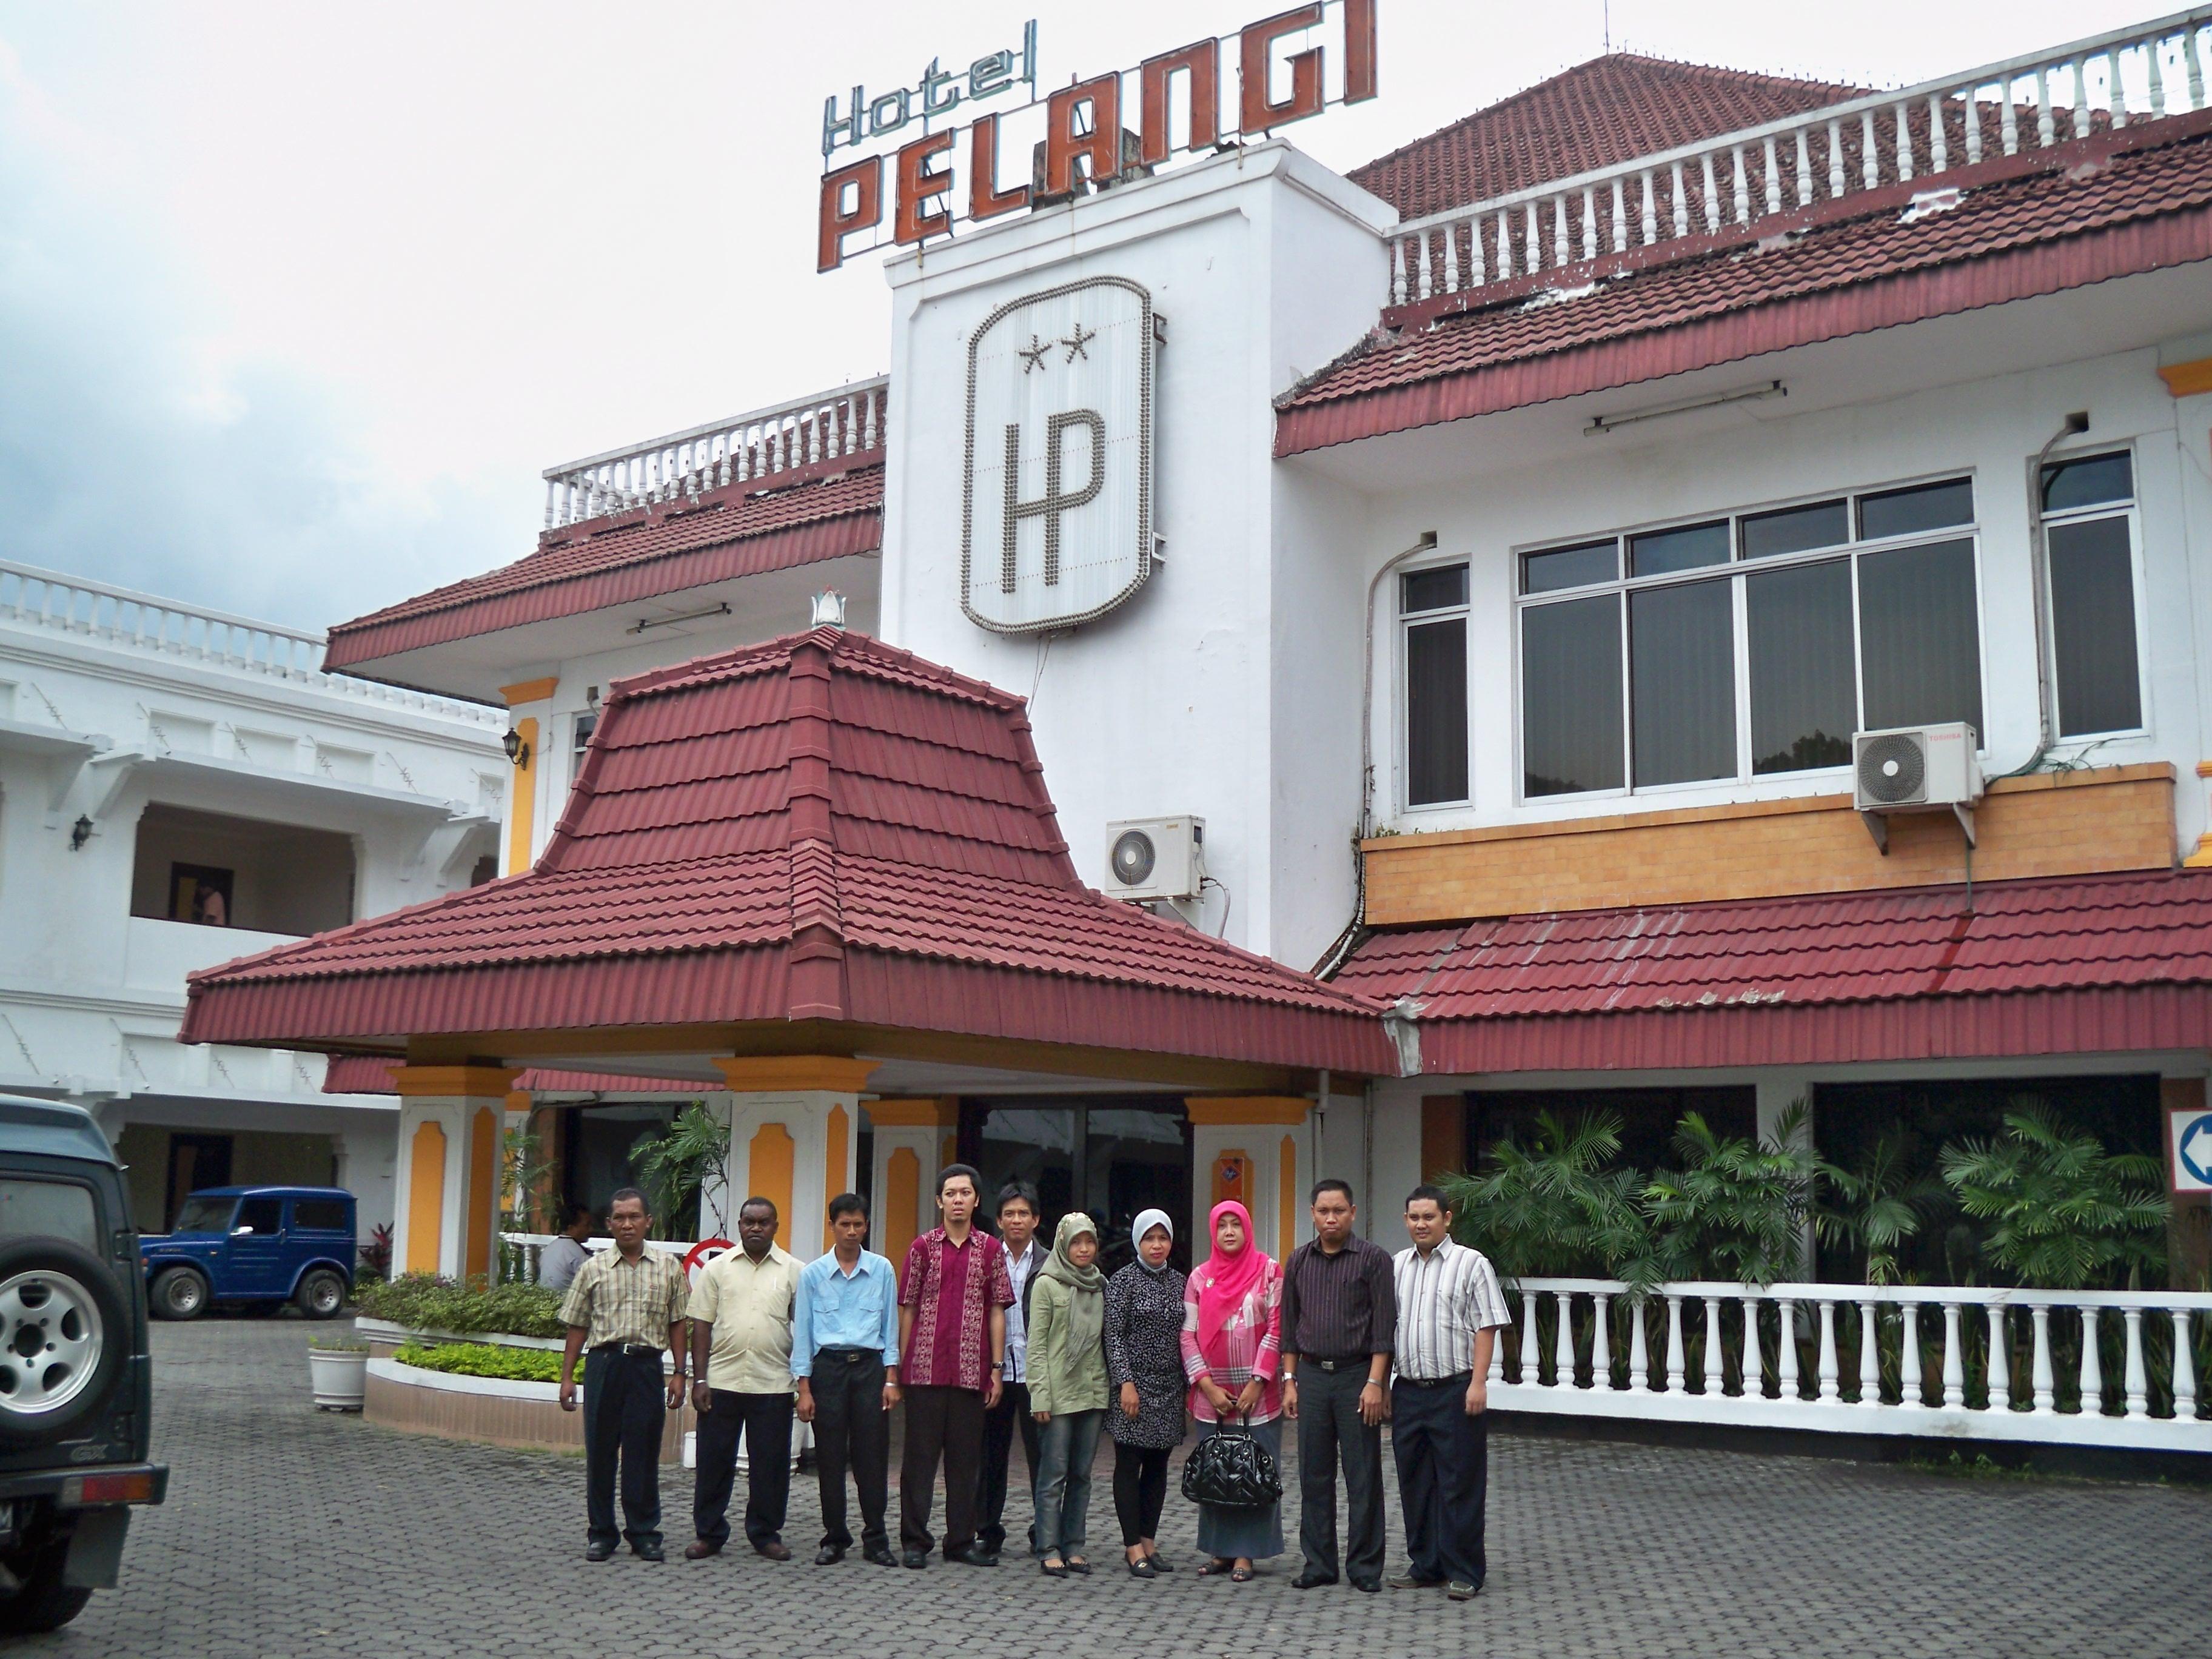 ホテル ペランギ